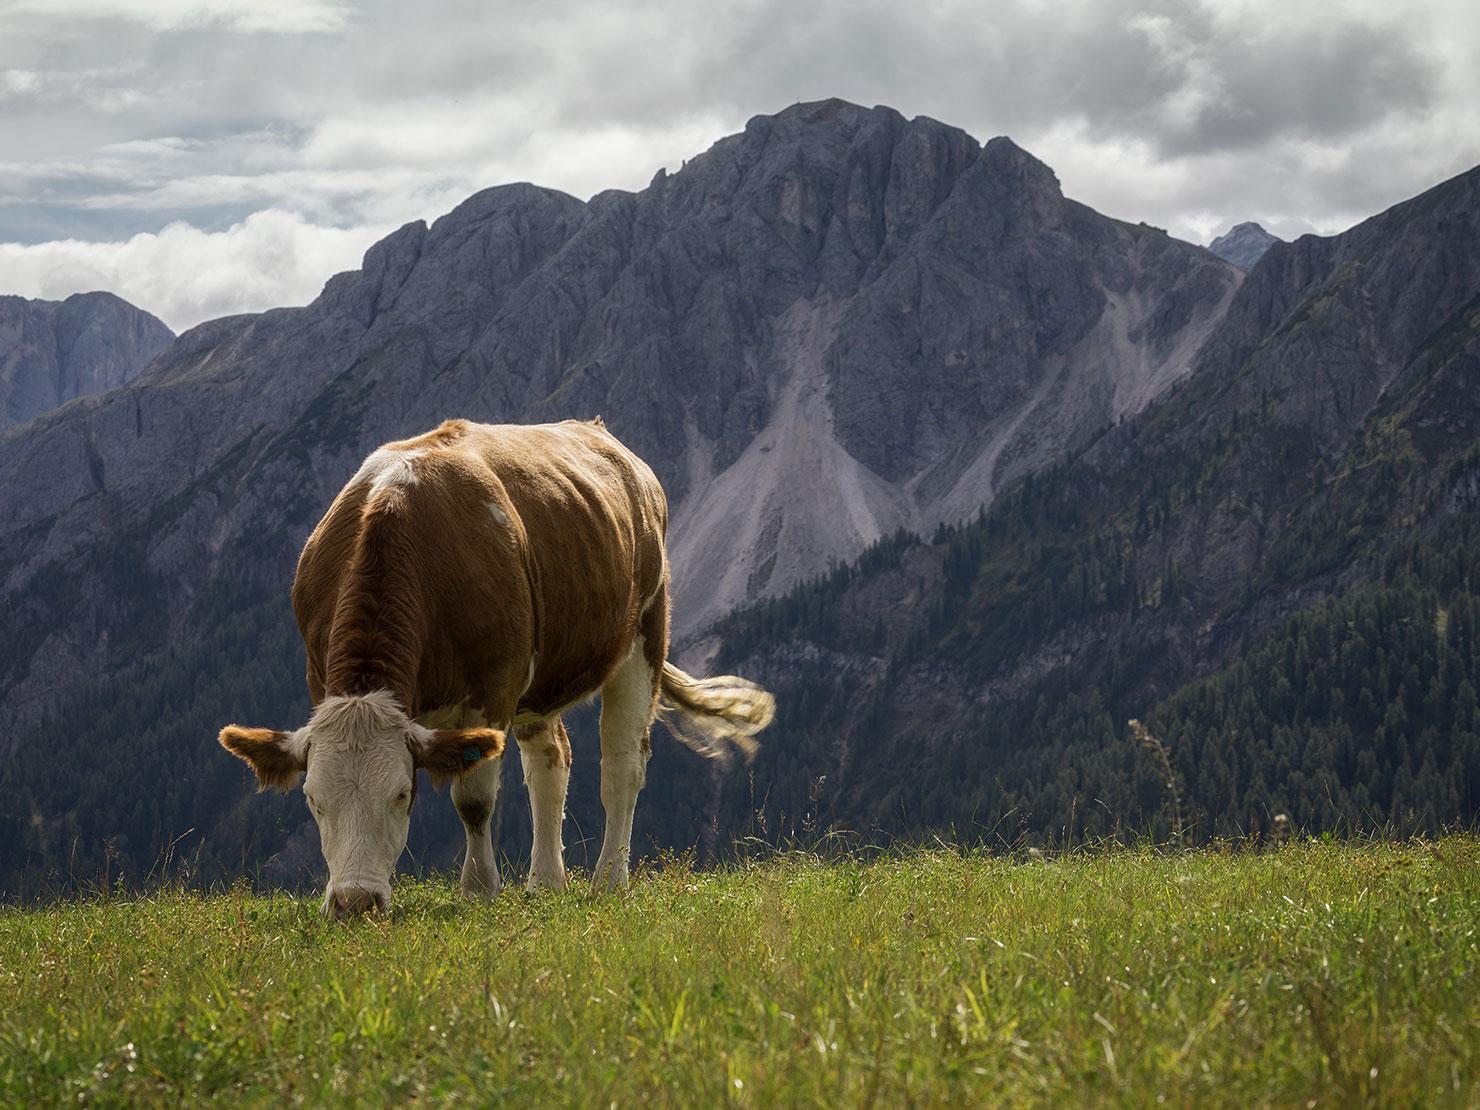 Eine braun-weiße Kuh die auf einer grünen Weide grast. Im Hintergrund felsige Berge.